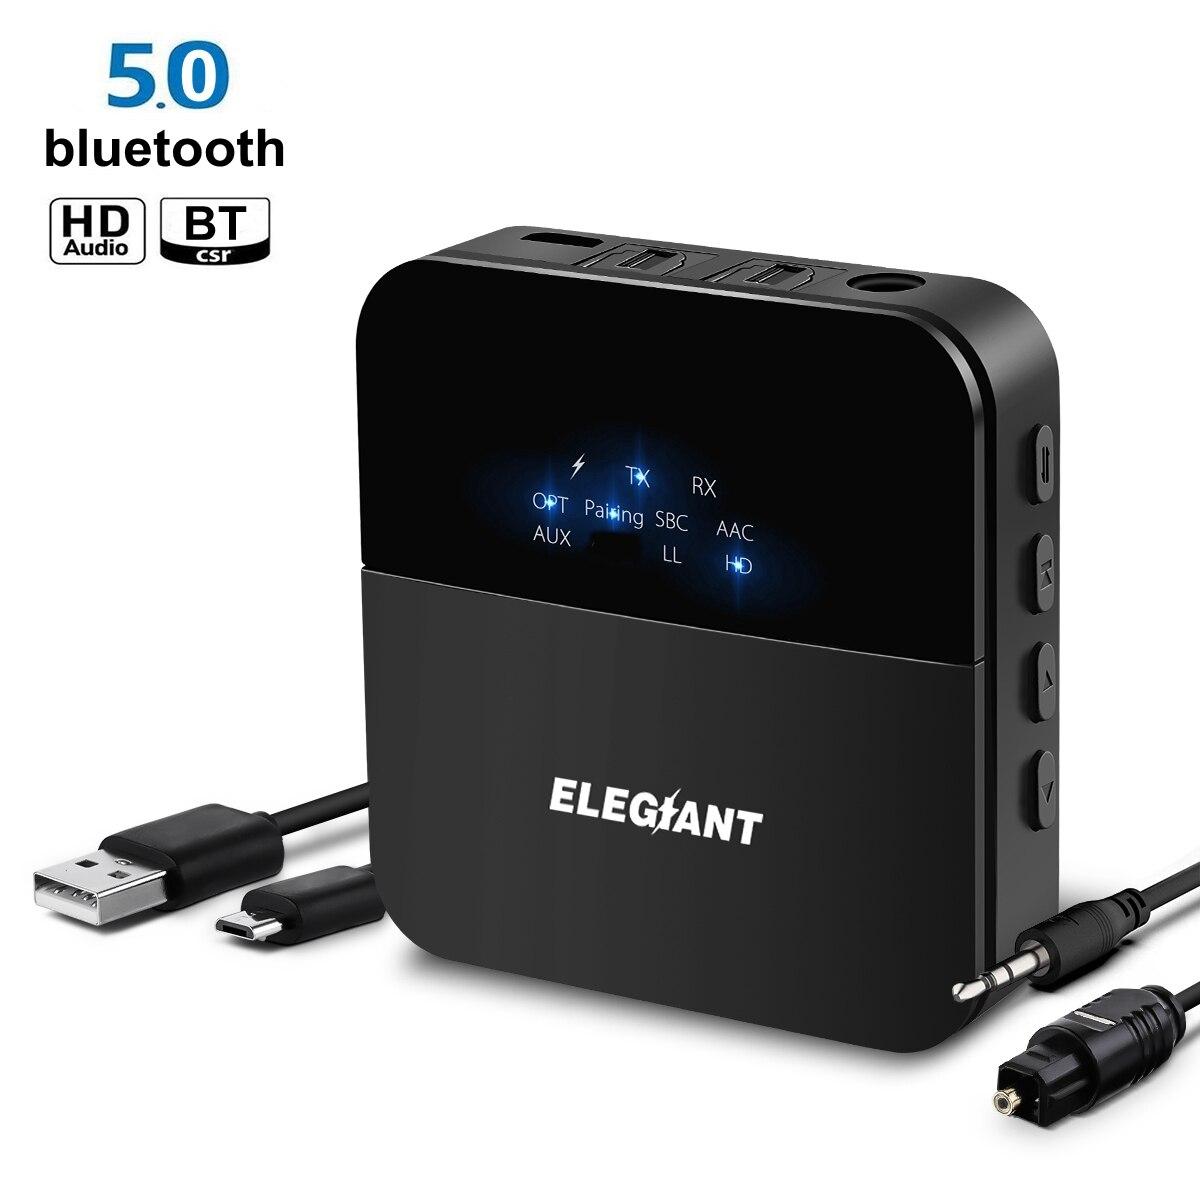 Elegiant 3.5mm 2rca hd bluetooth 5.0 receptor transmissor de áudio sem fio adaptador/aux/ll/alta fidelidade para fone de ouvido carro